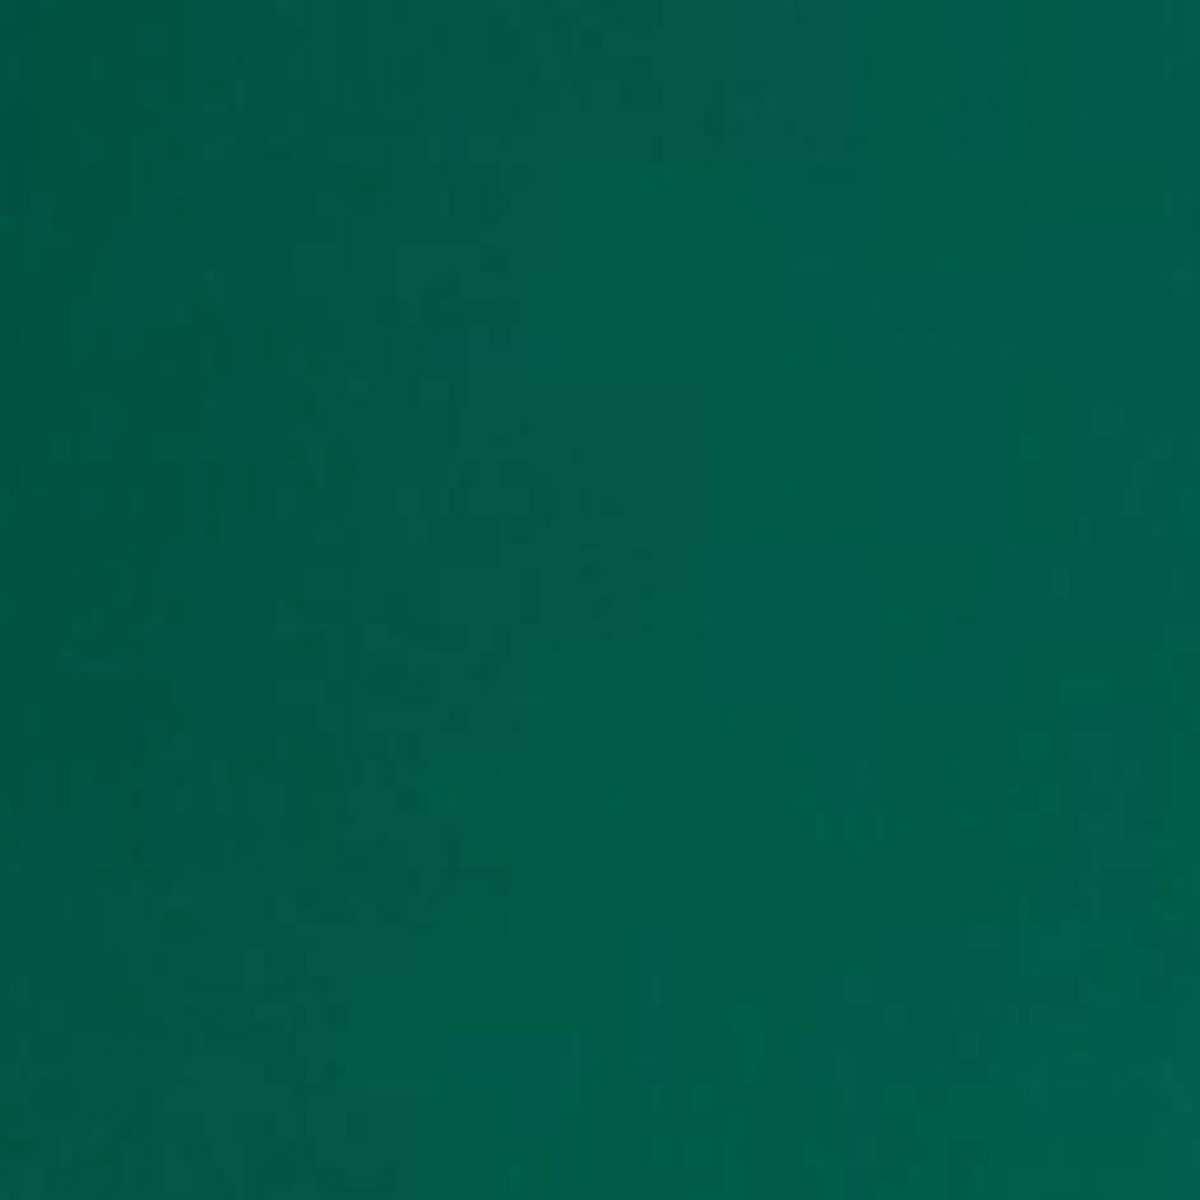 Placa em EVA | 40x60cm Verde Bandeira 1,8mm Pct.c/10 - Dubflex